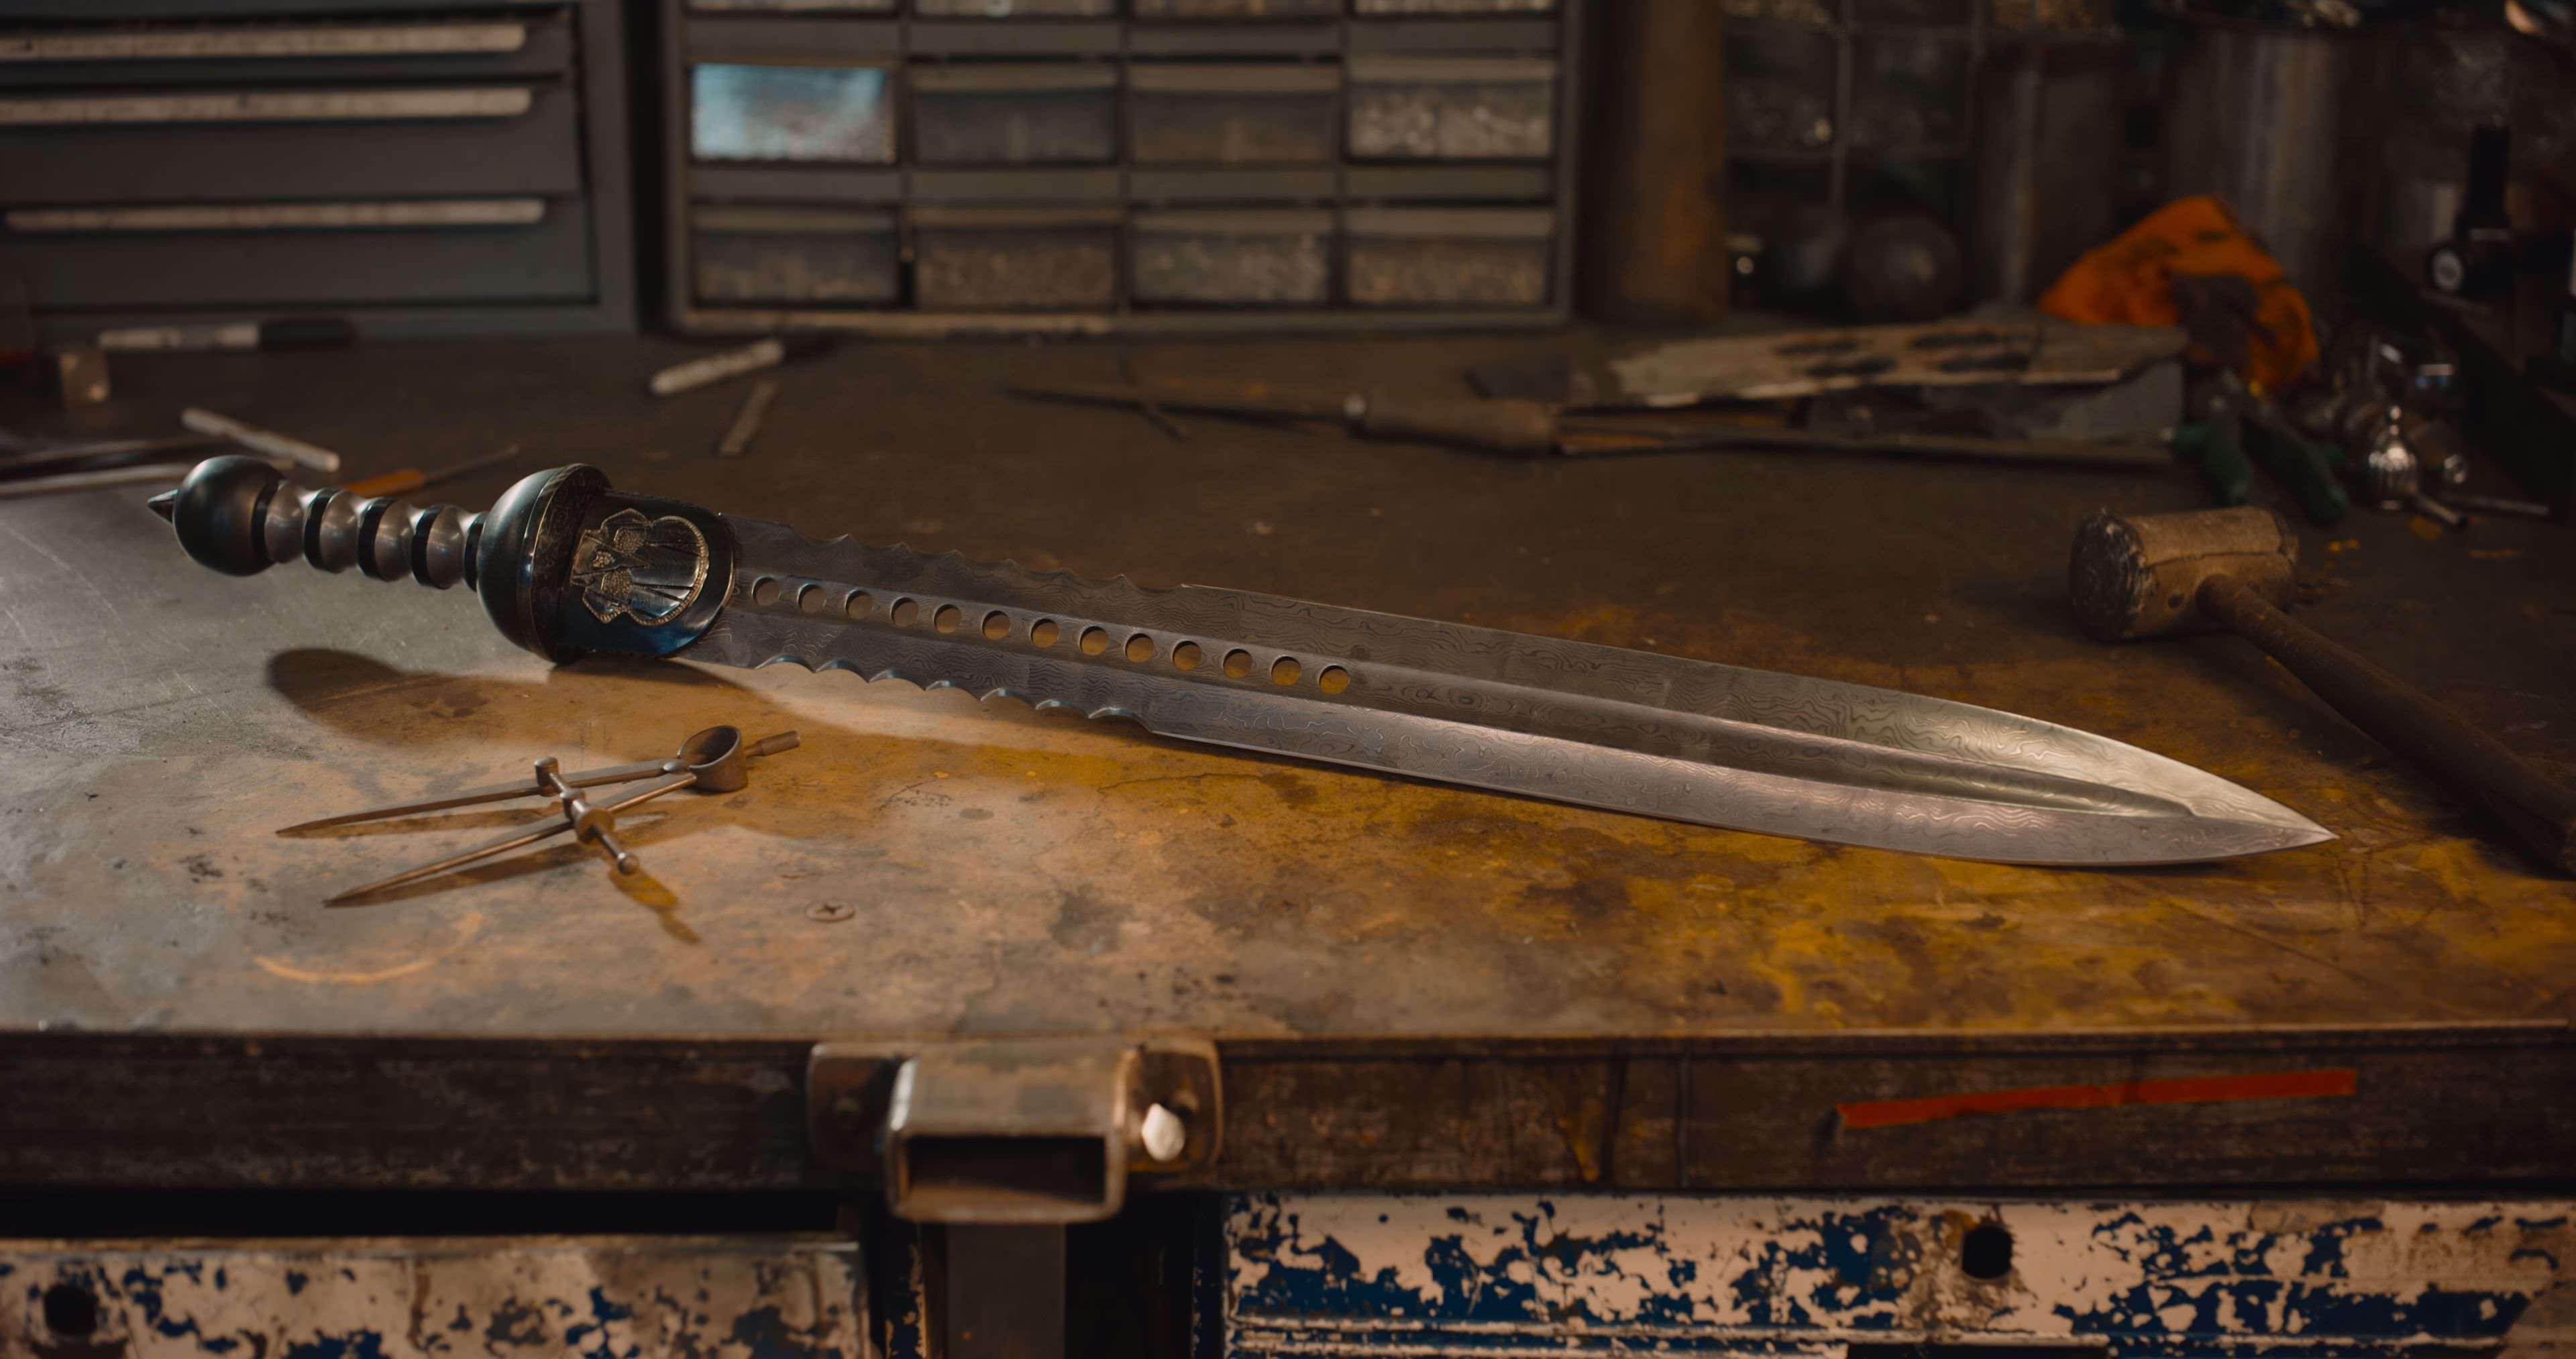 ダマスカスソードが造られる8Kの美しい映像